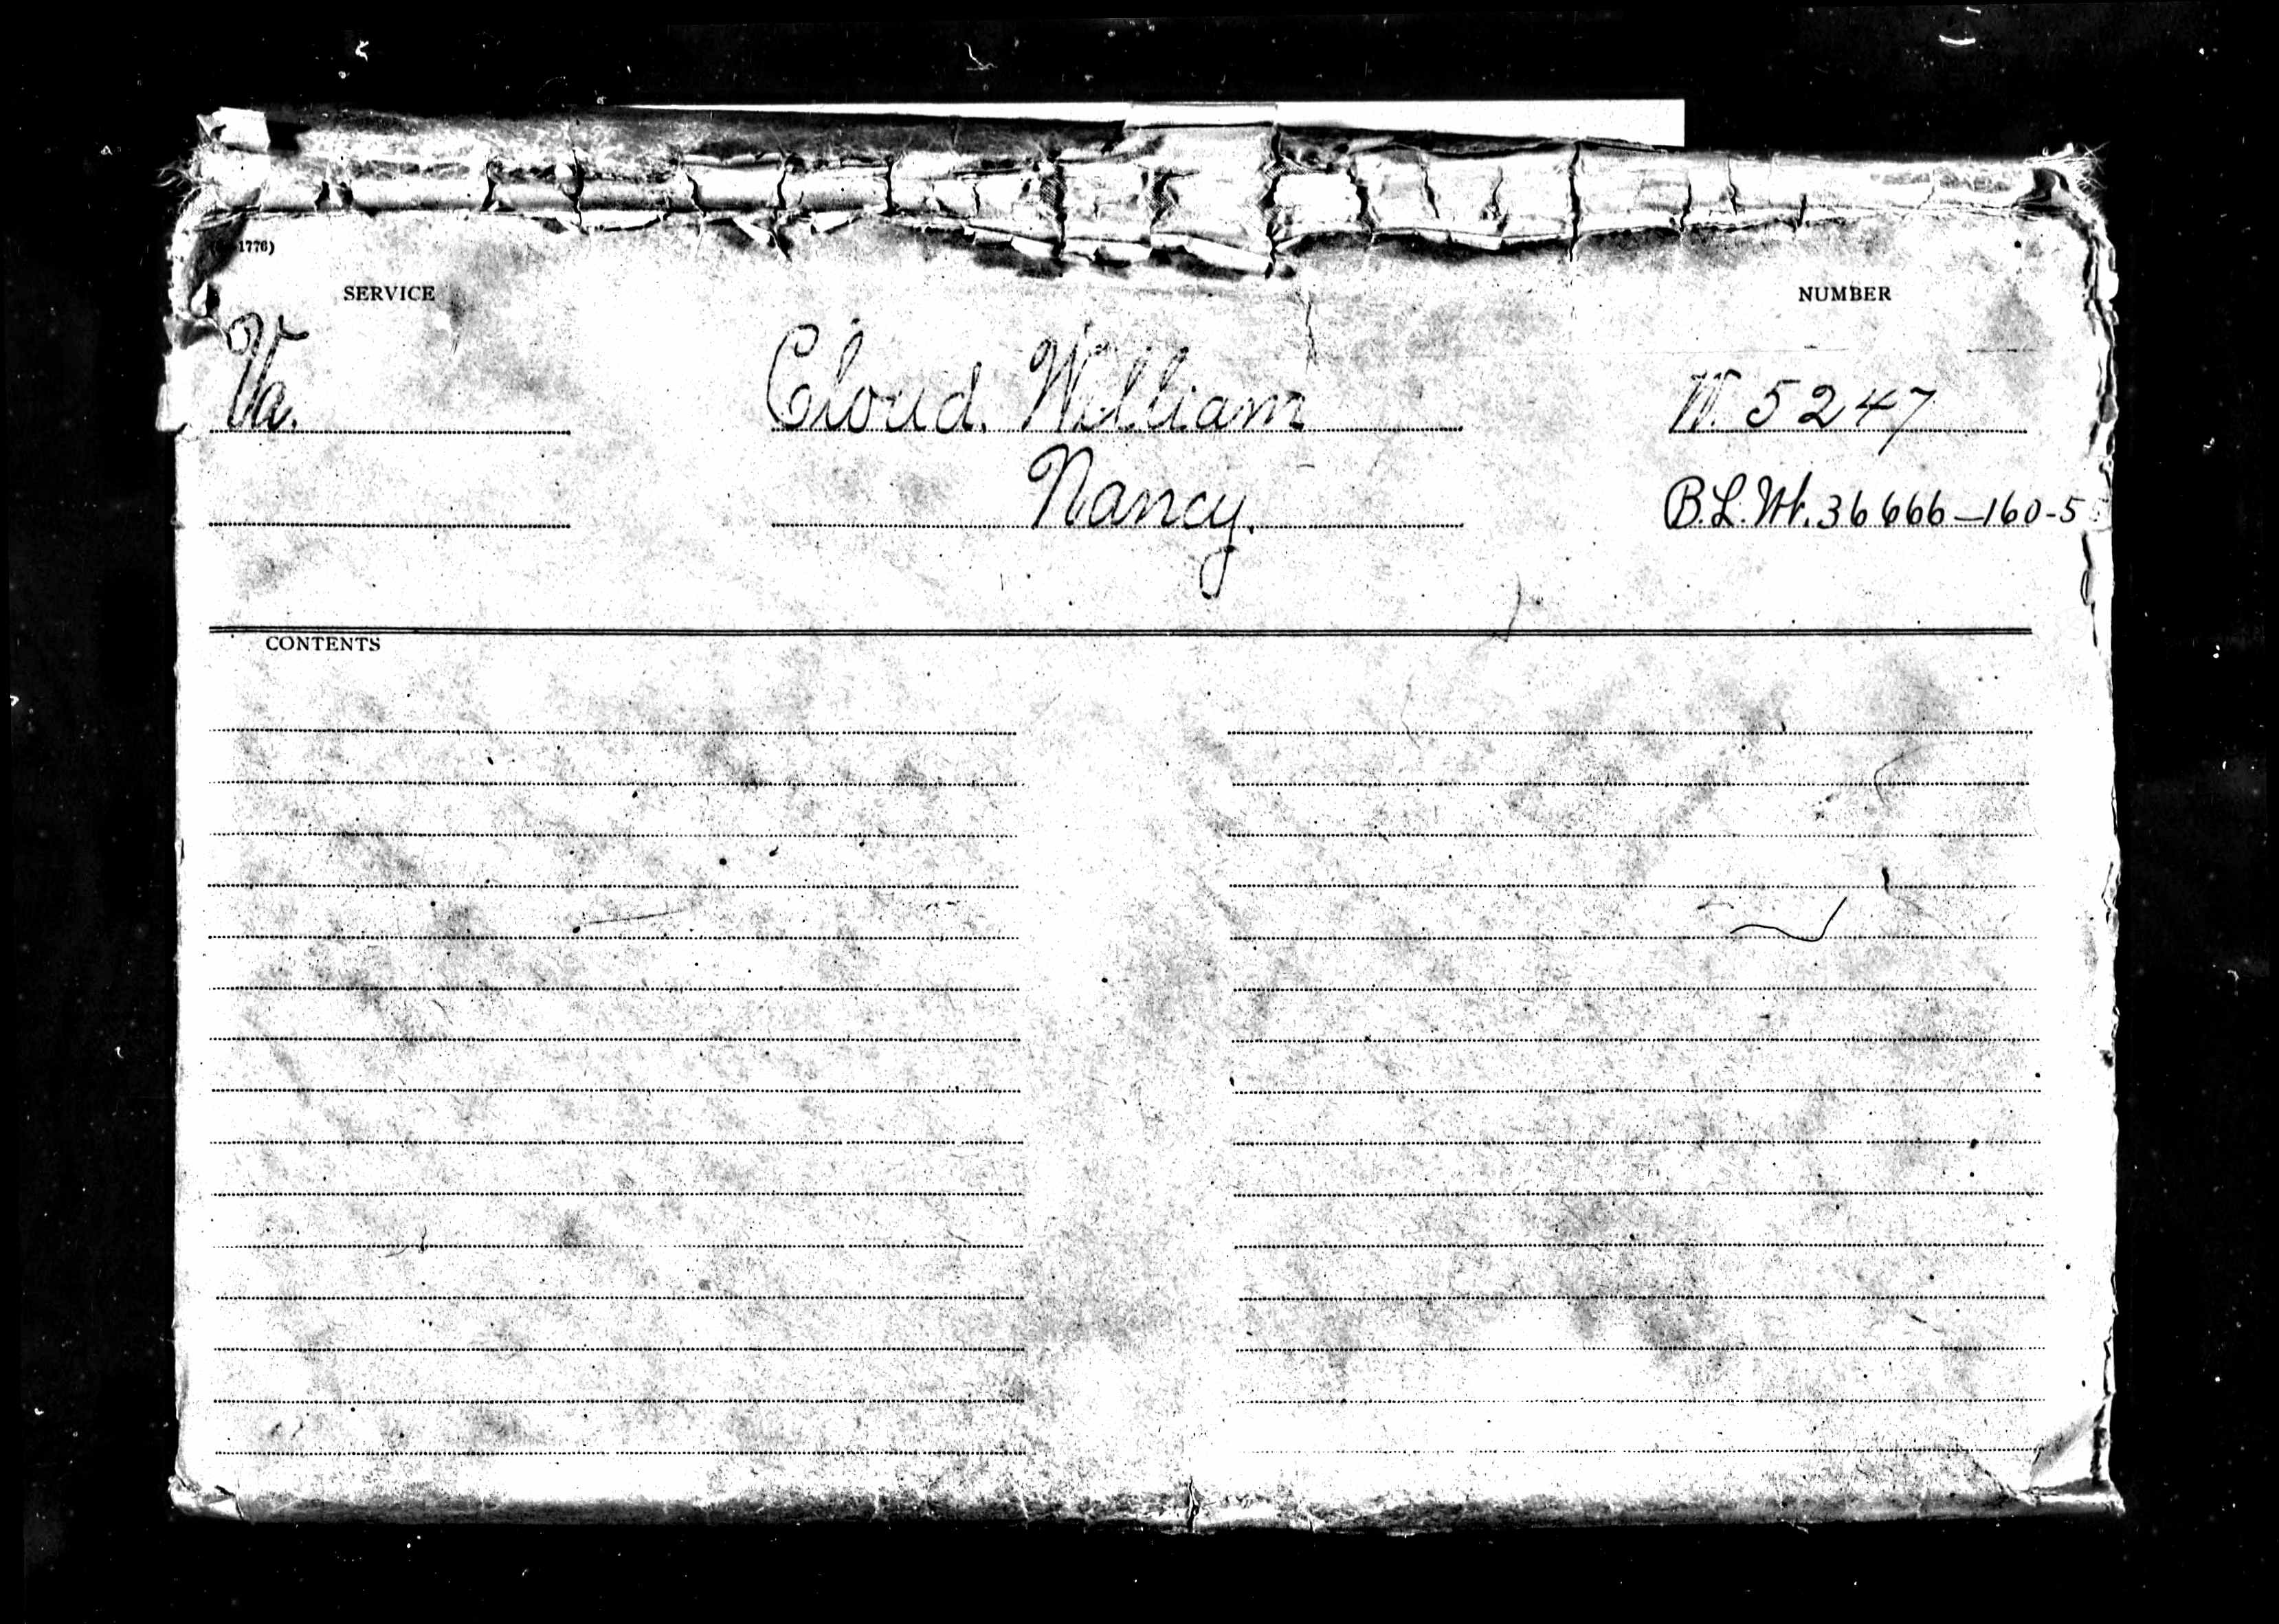 William Cloud